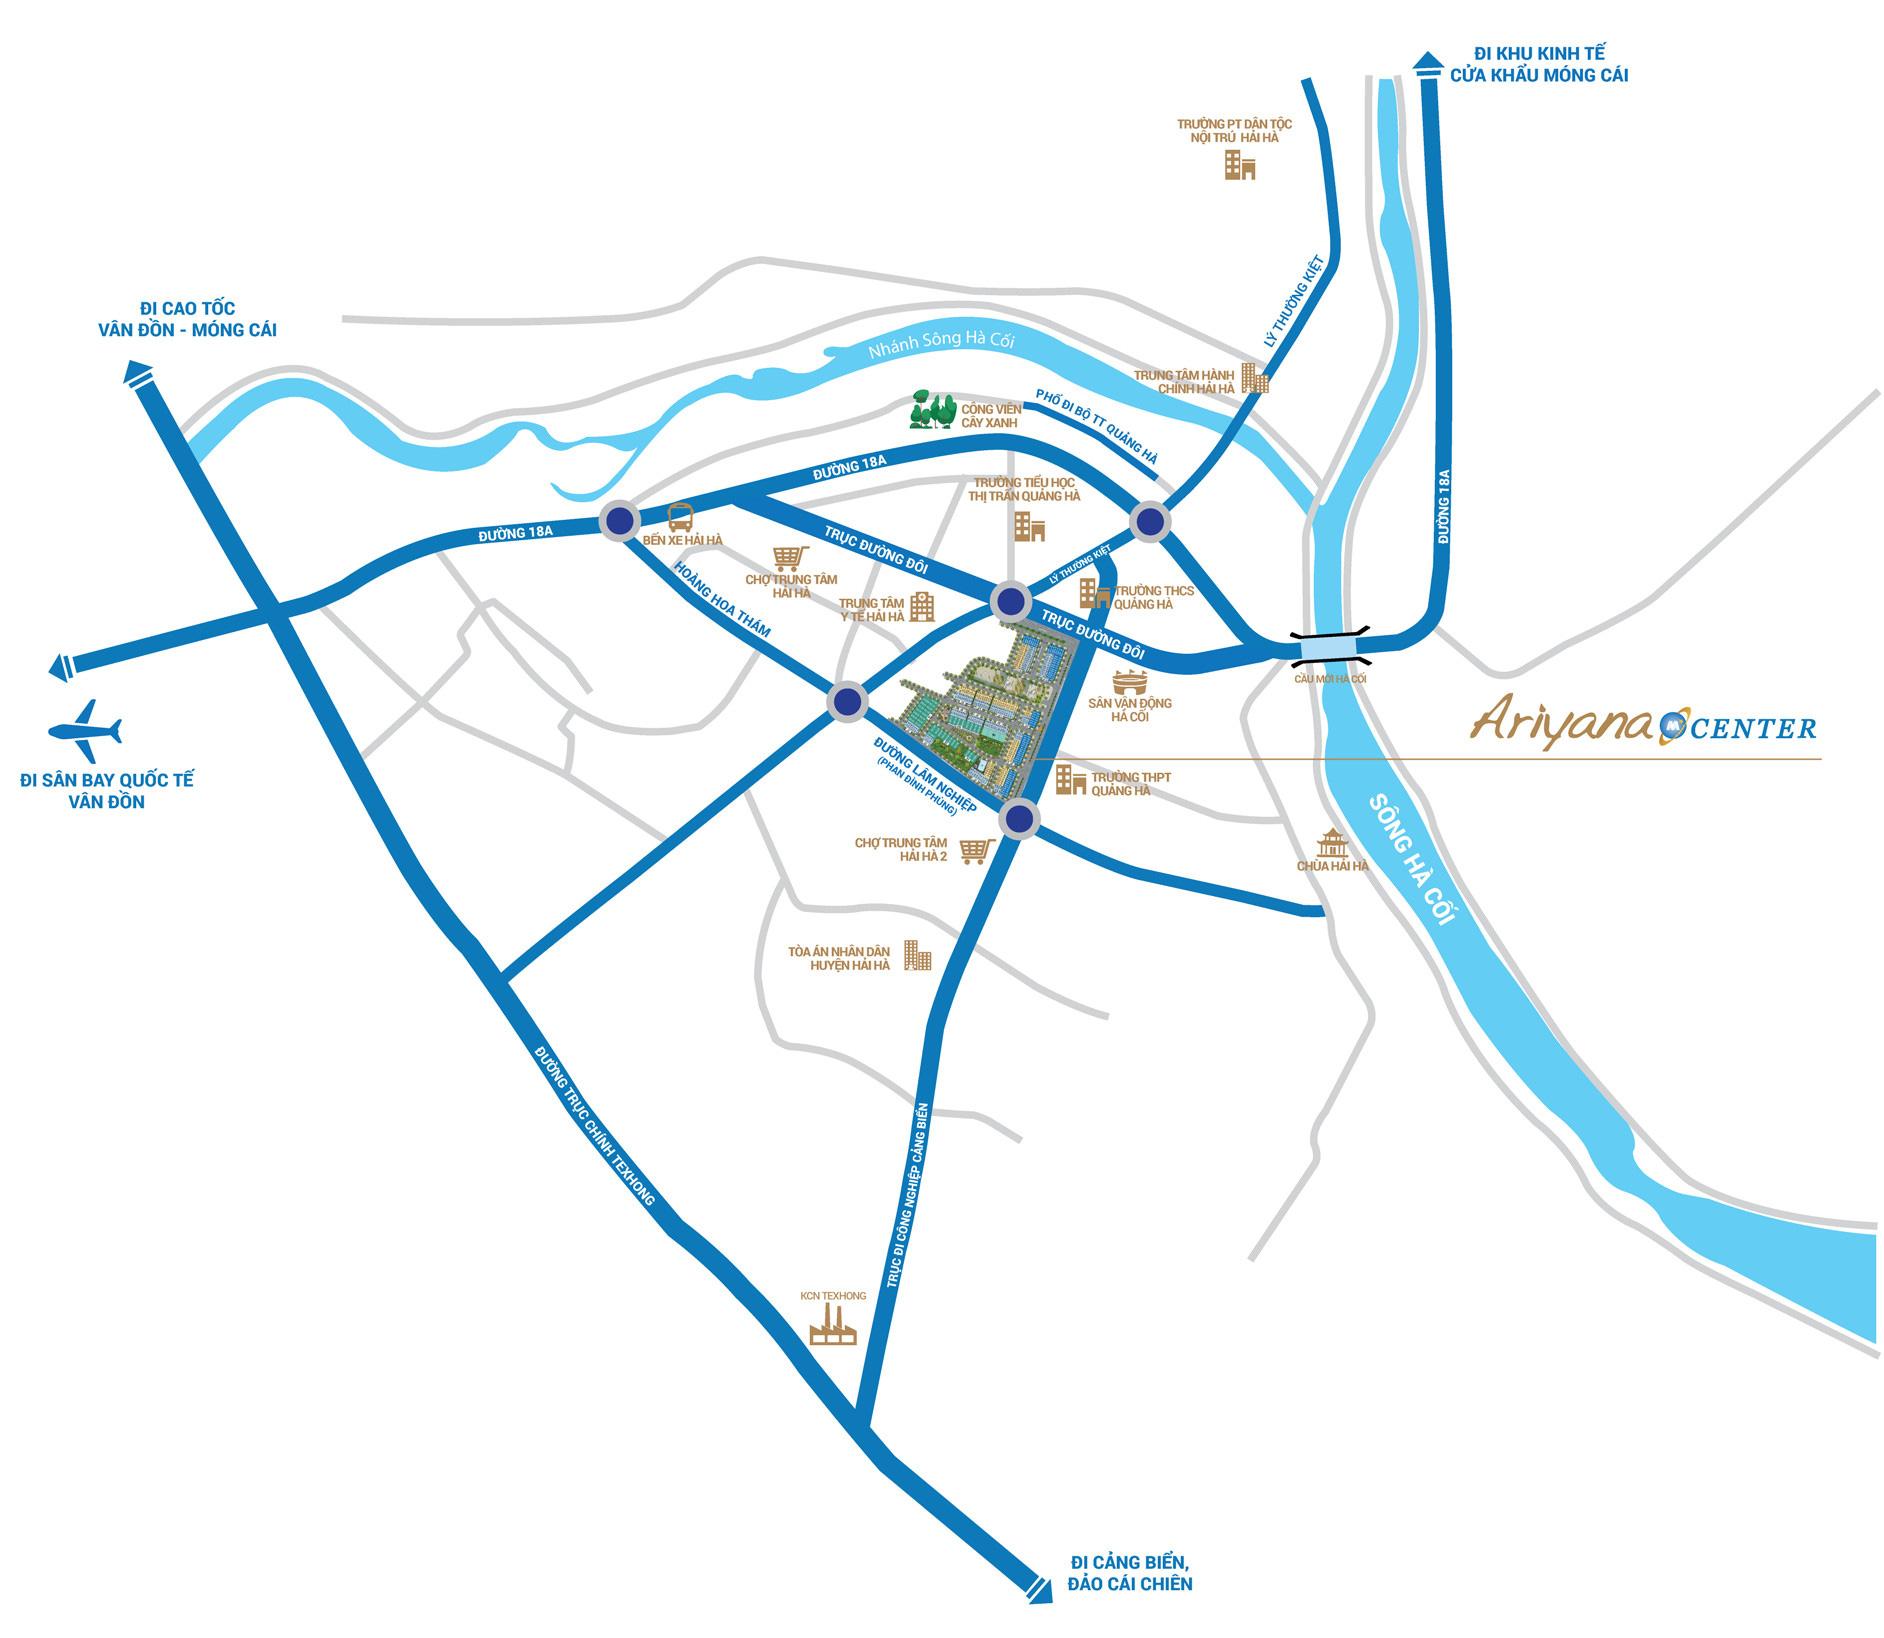 Giải mã sức hút Ariyana Center tại trung tâm Hải Hà – Quảng Ninh - Ảnh 1.